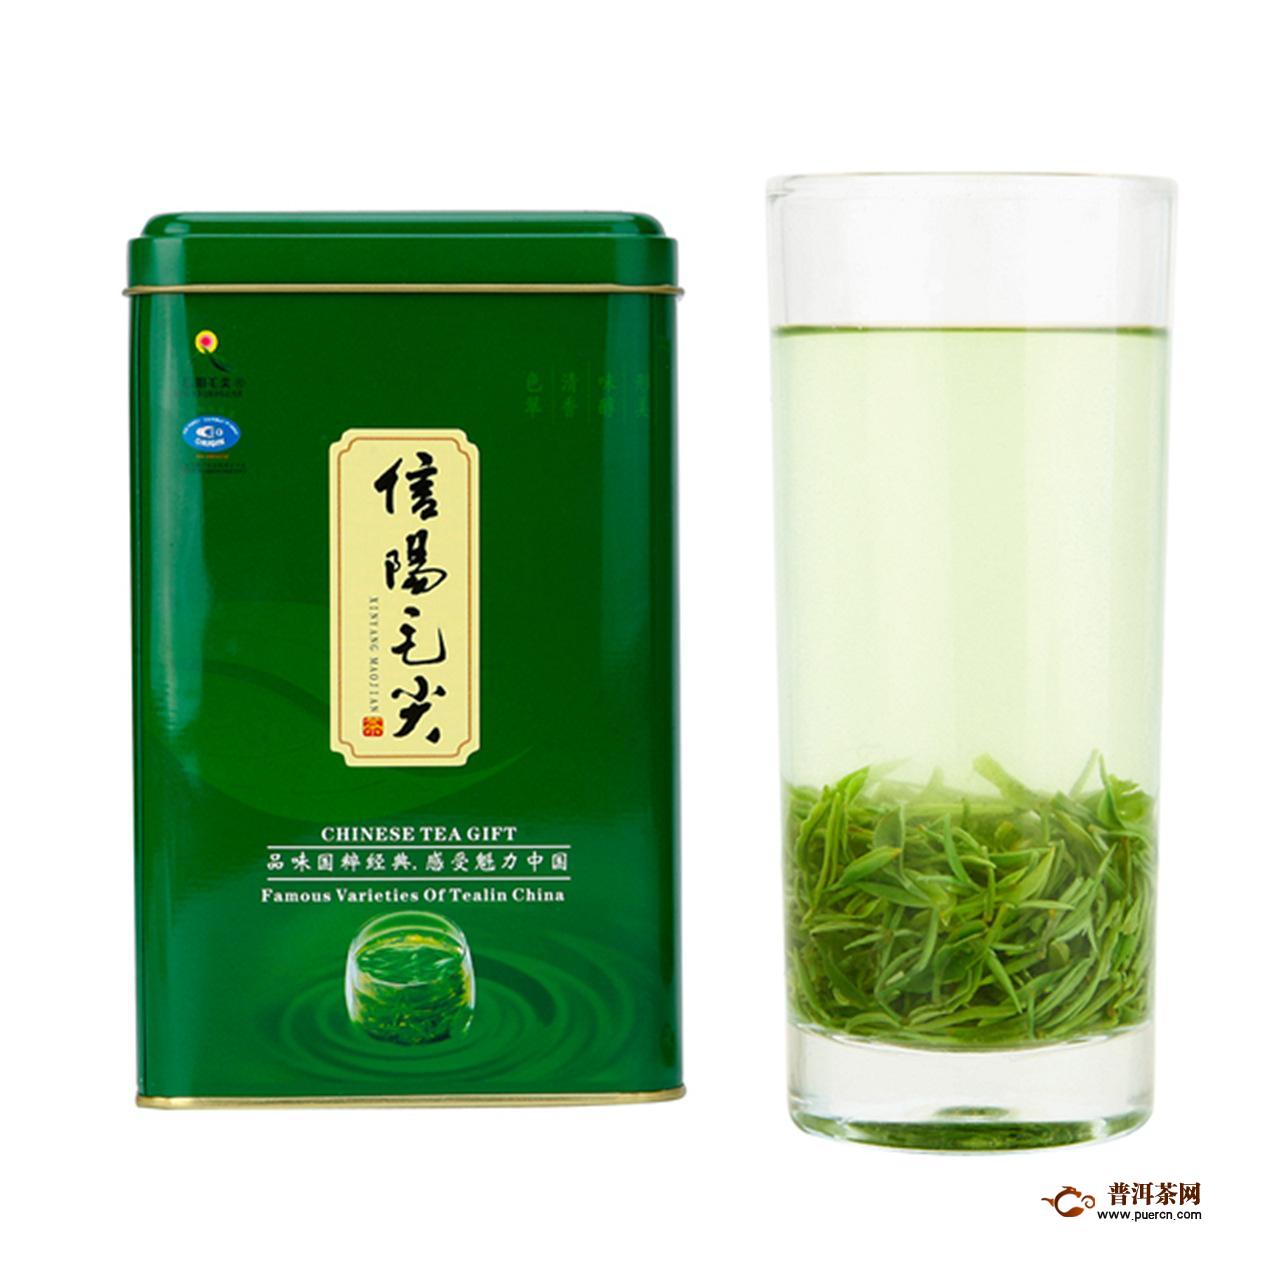 什么绿茶品种最香?最好喝?